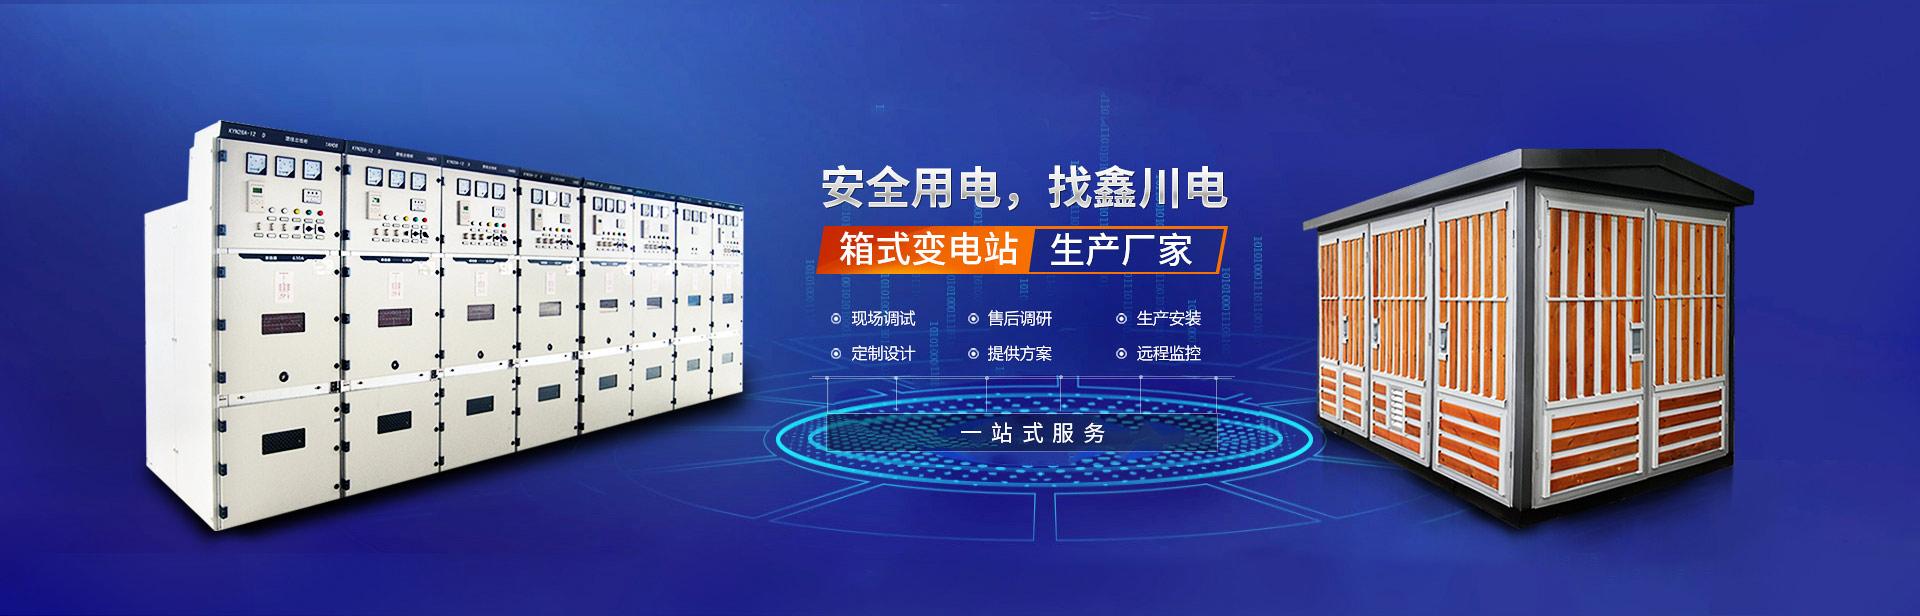 安全用电,找鑫川电,箱式变电站生产厂家